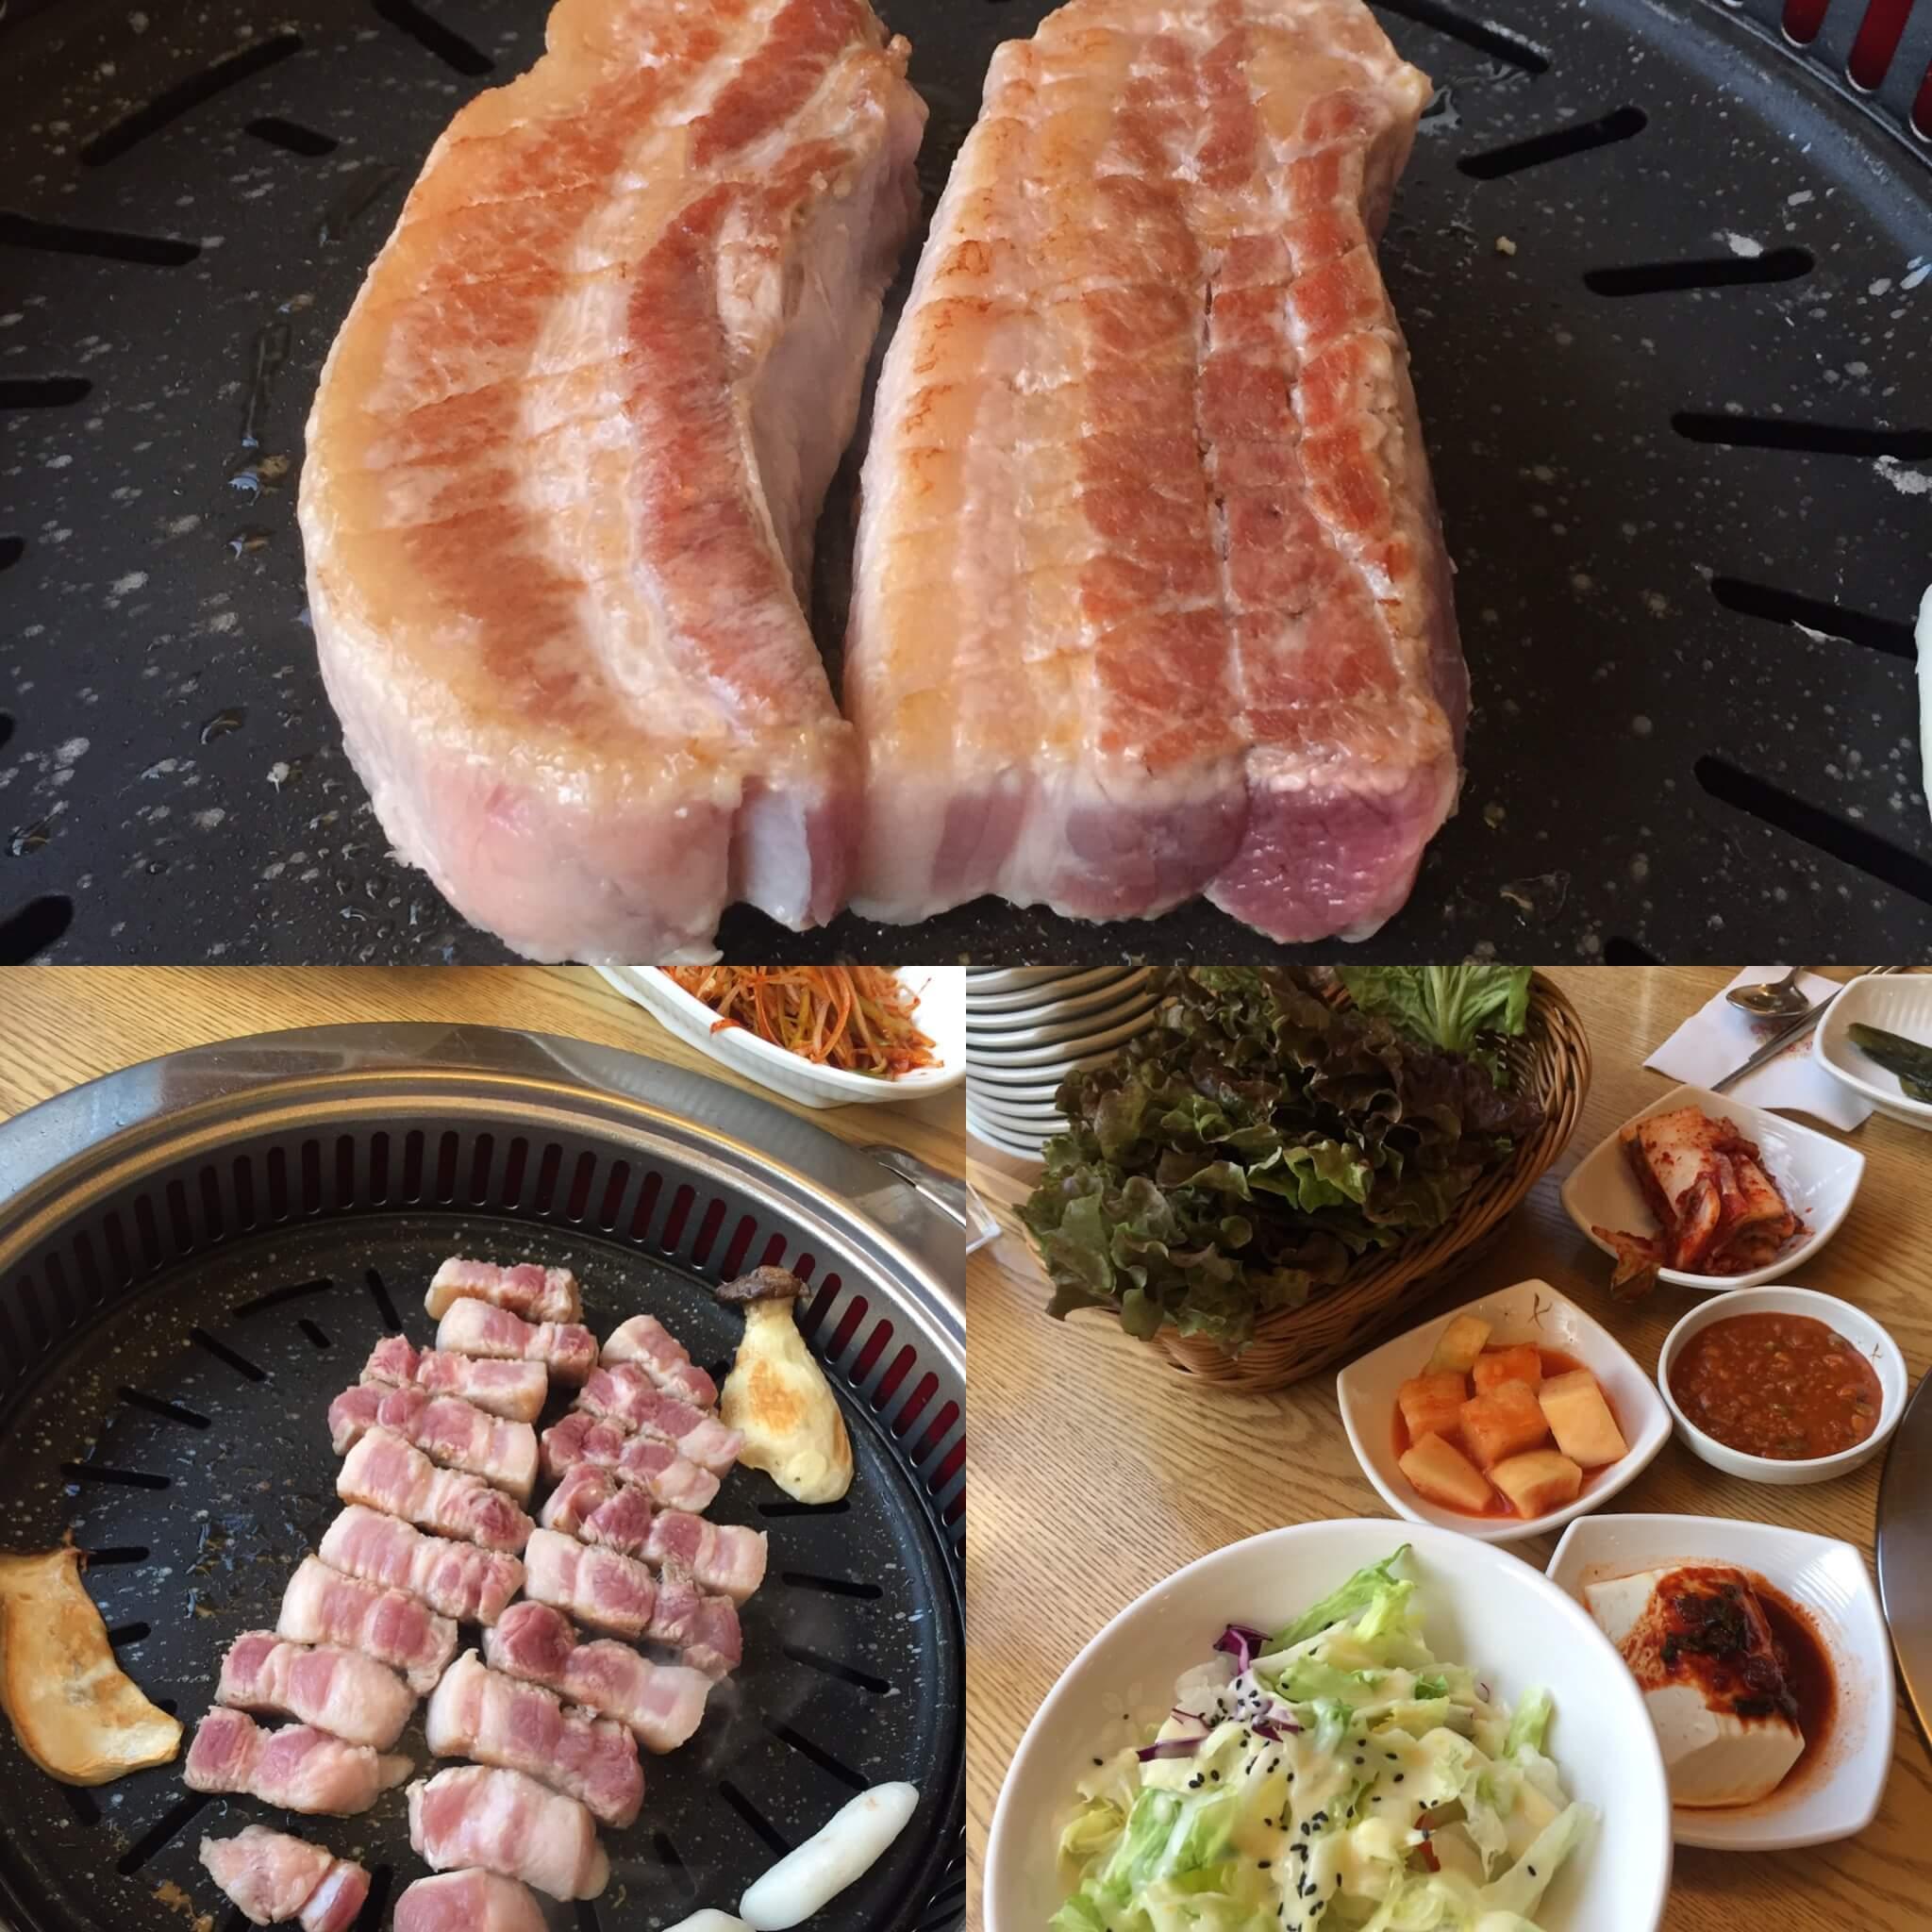 【韓国・明洞】黄金牧場でサムギョプサルを食べてきたよ^^動画付き♪